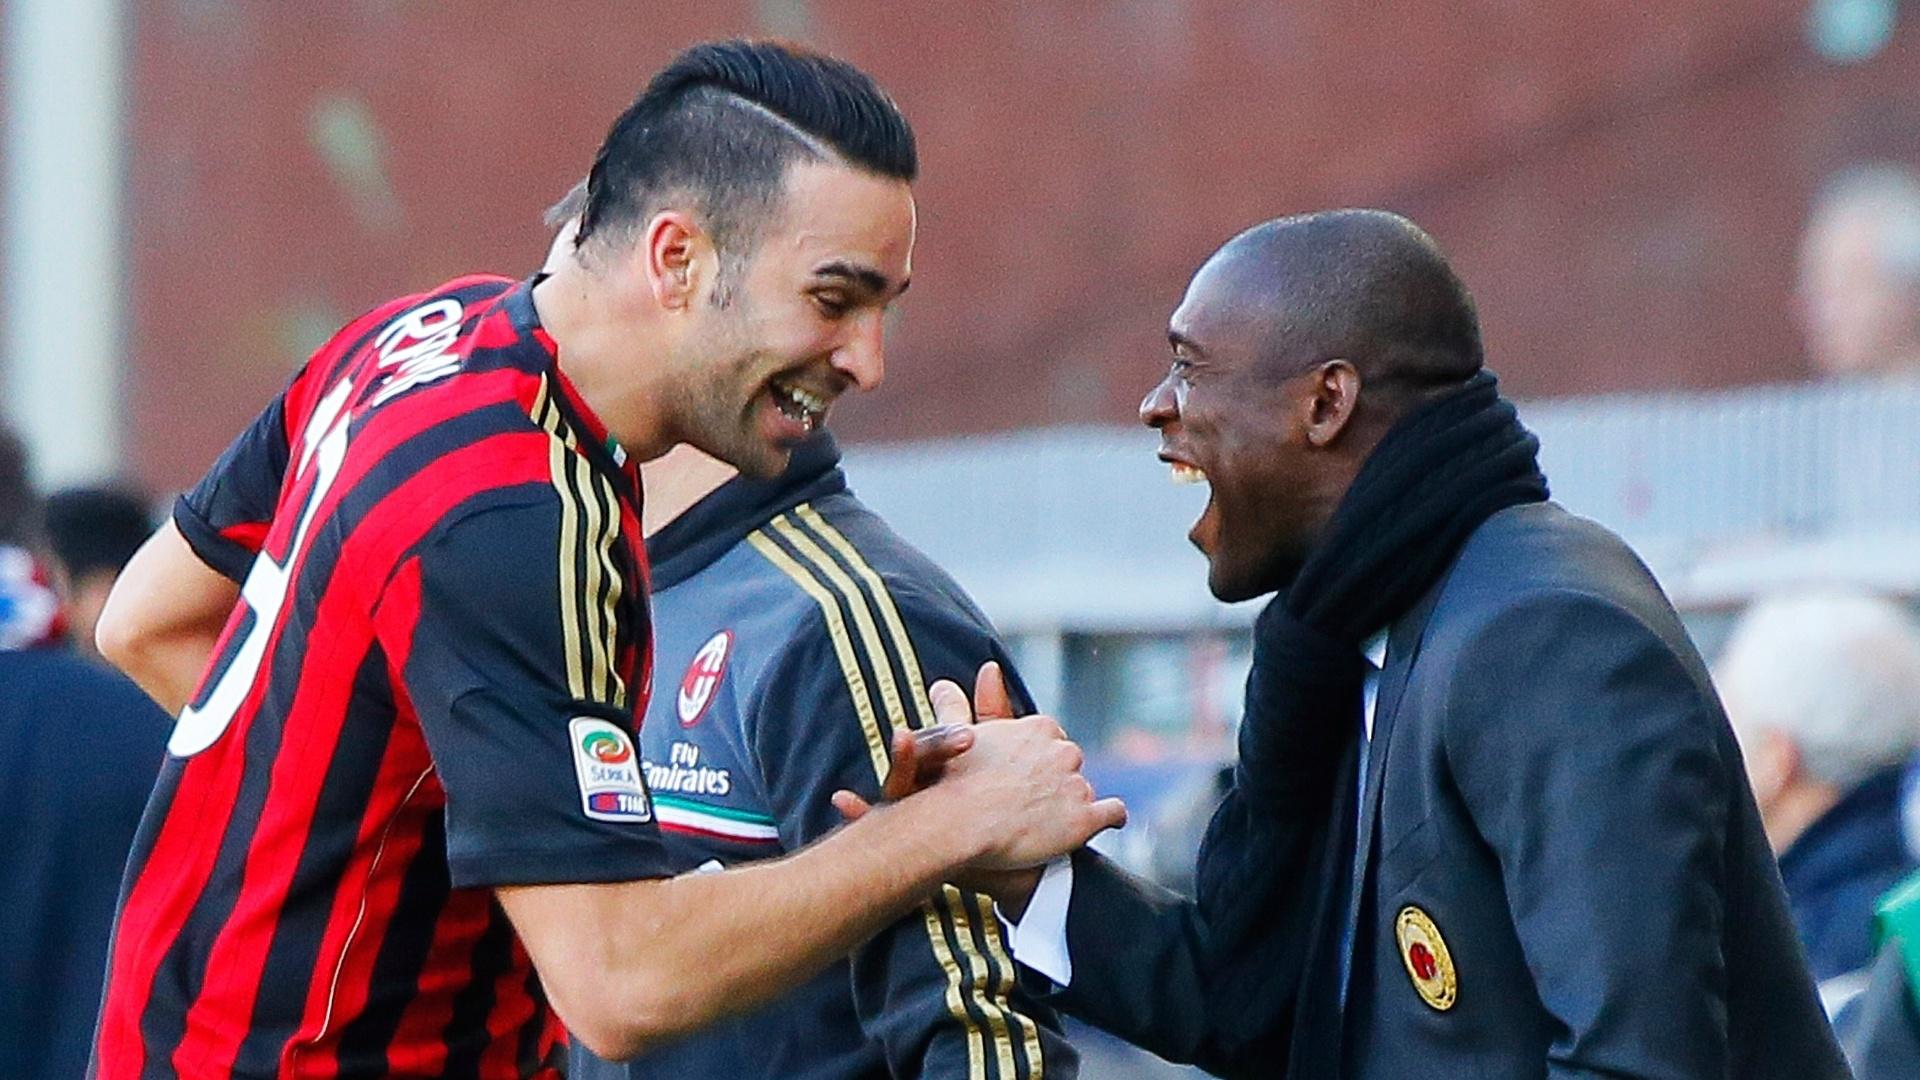 23.fev.2014 - Autor do segundo gol do Milan na vitória sobre o Sampdoria, o francês Rami comemora segunda vitória seguida com o treinador Seedorf